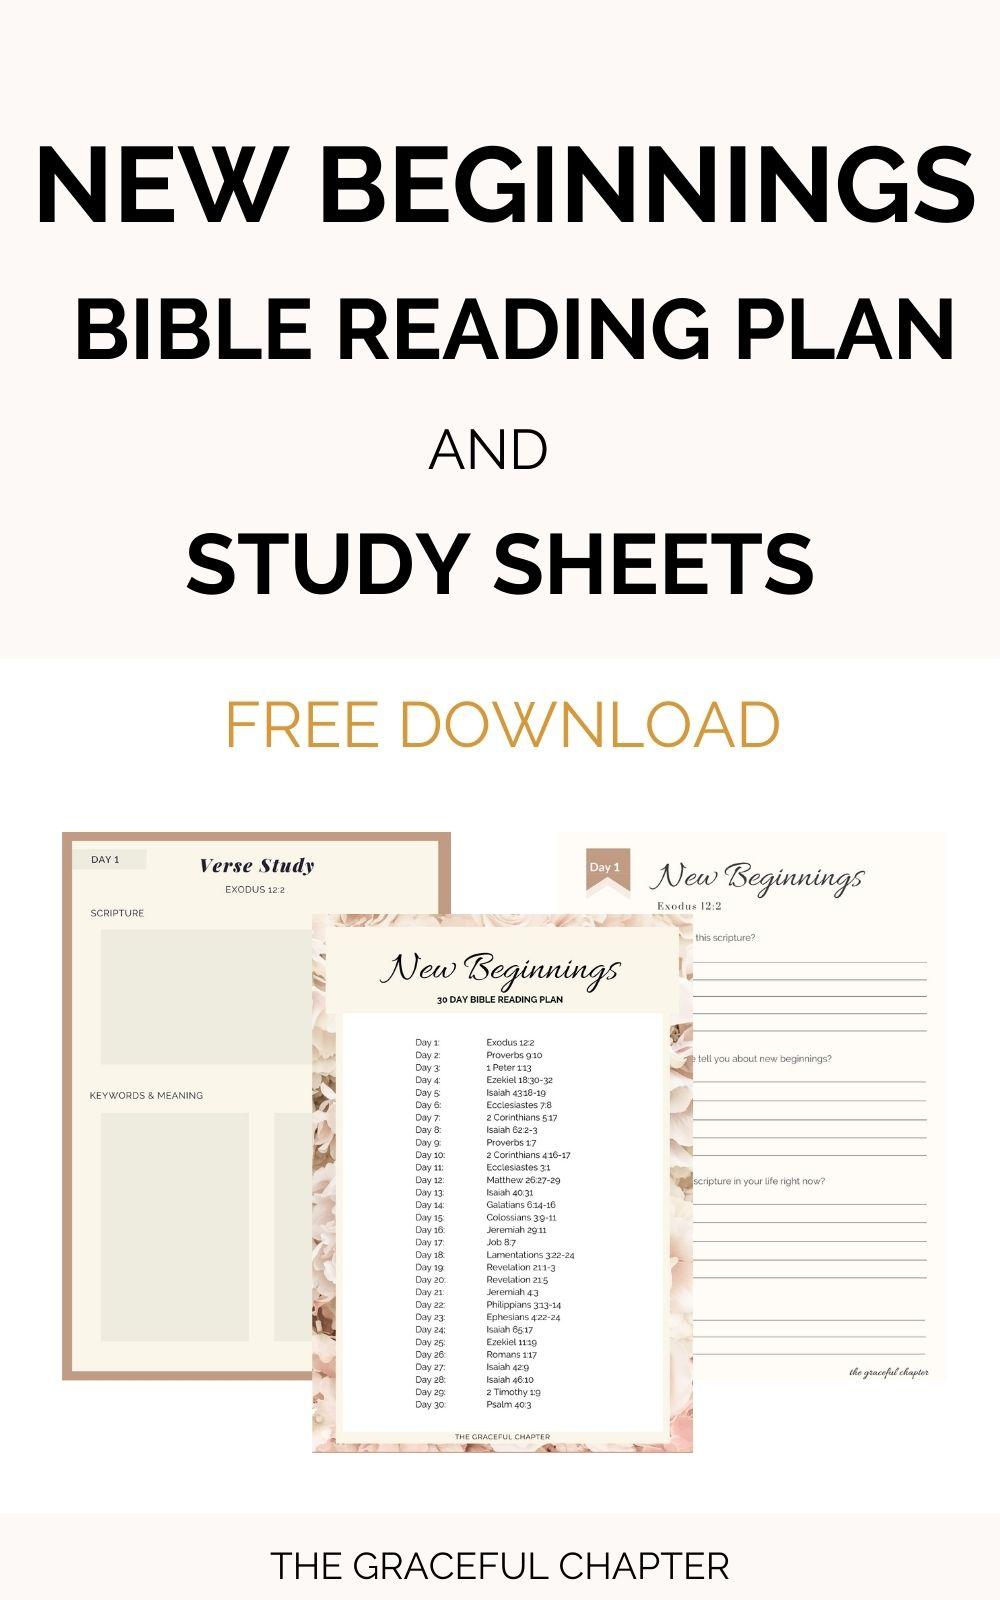 new beginnings bible reading plan free download